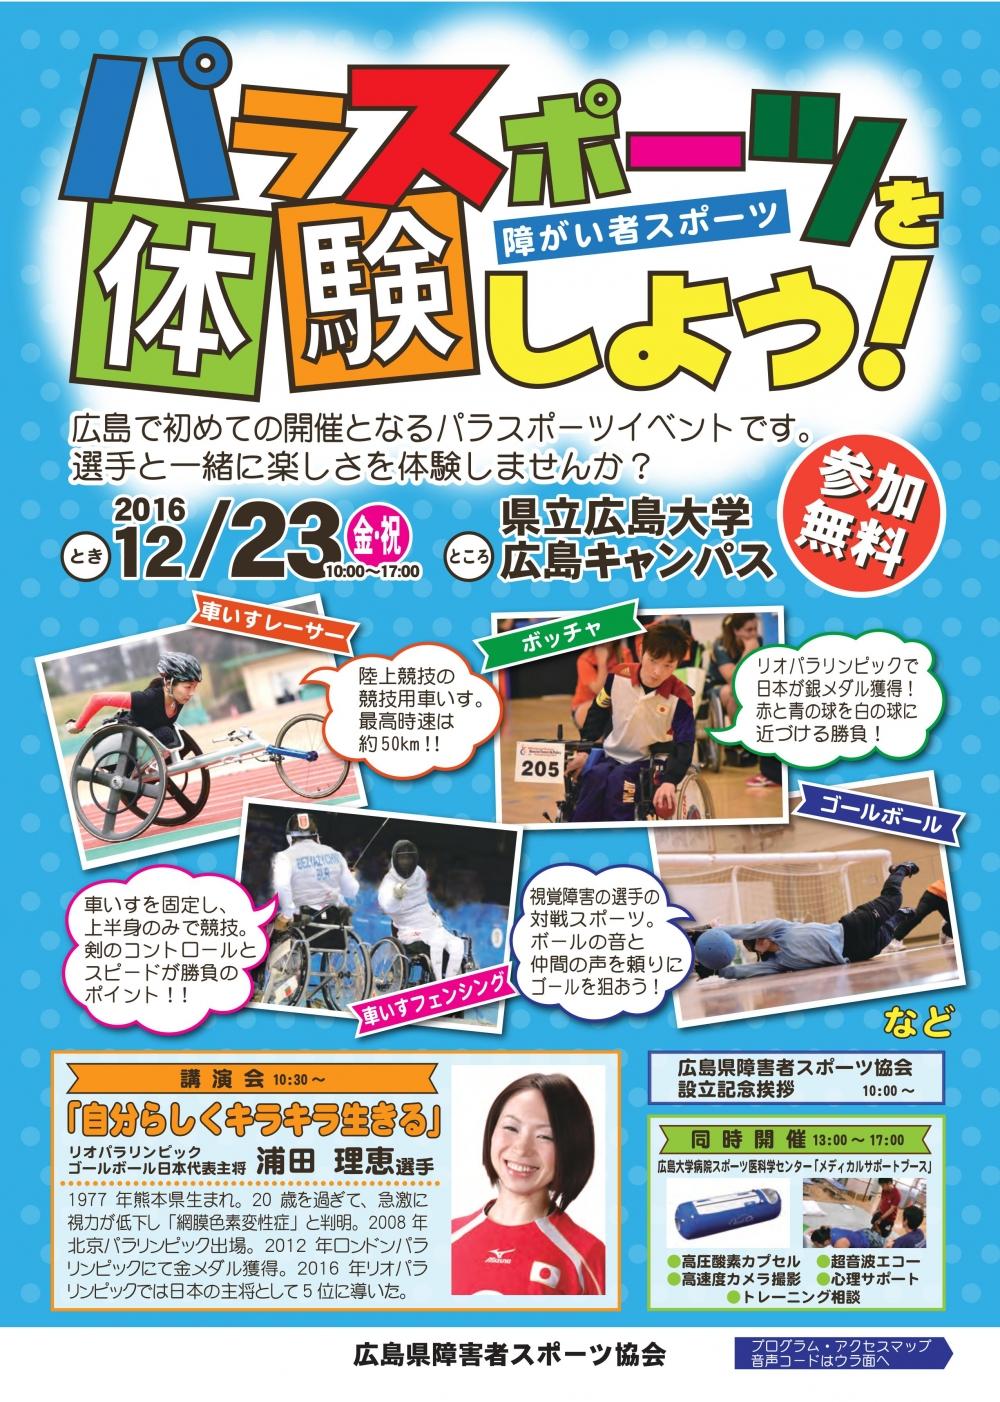 イベント】浦田・小西選手 12月23日(金)「パラスポーツを体験しよう ...